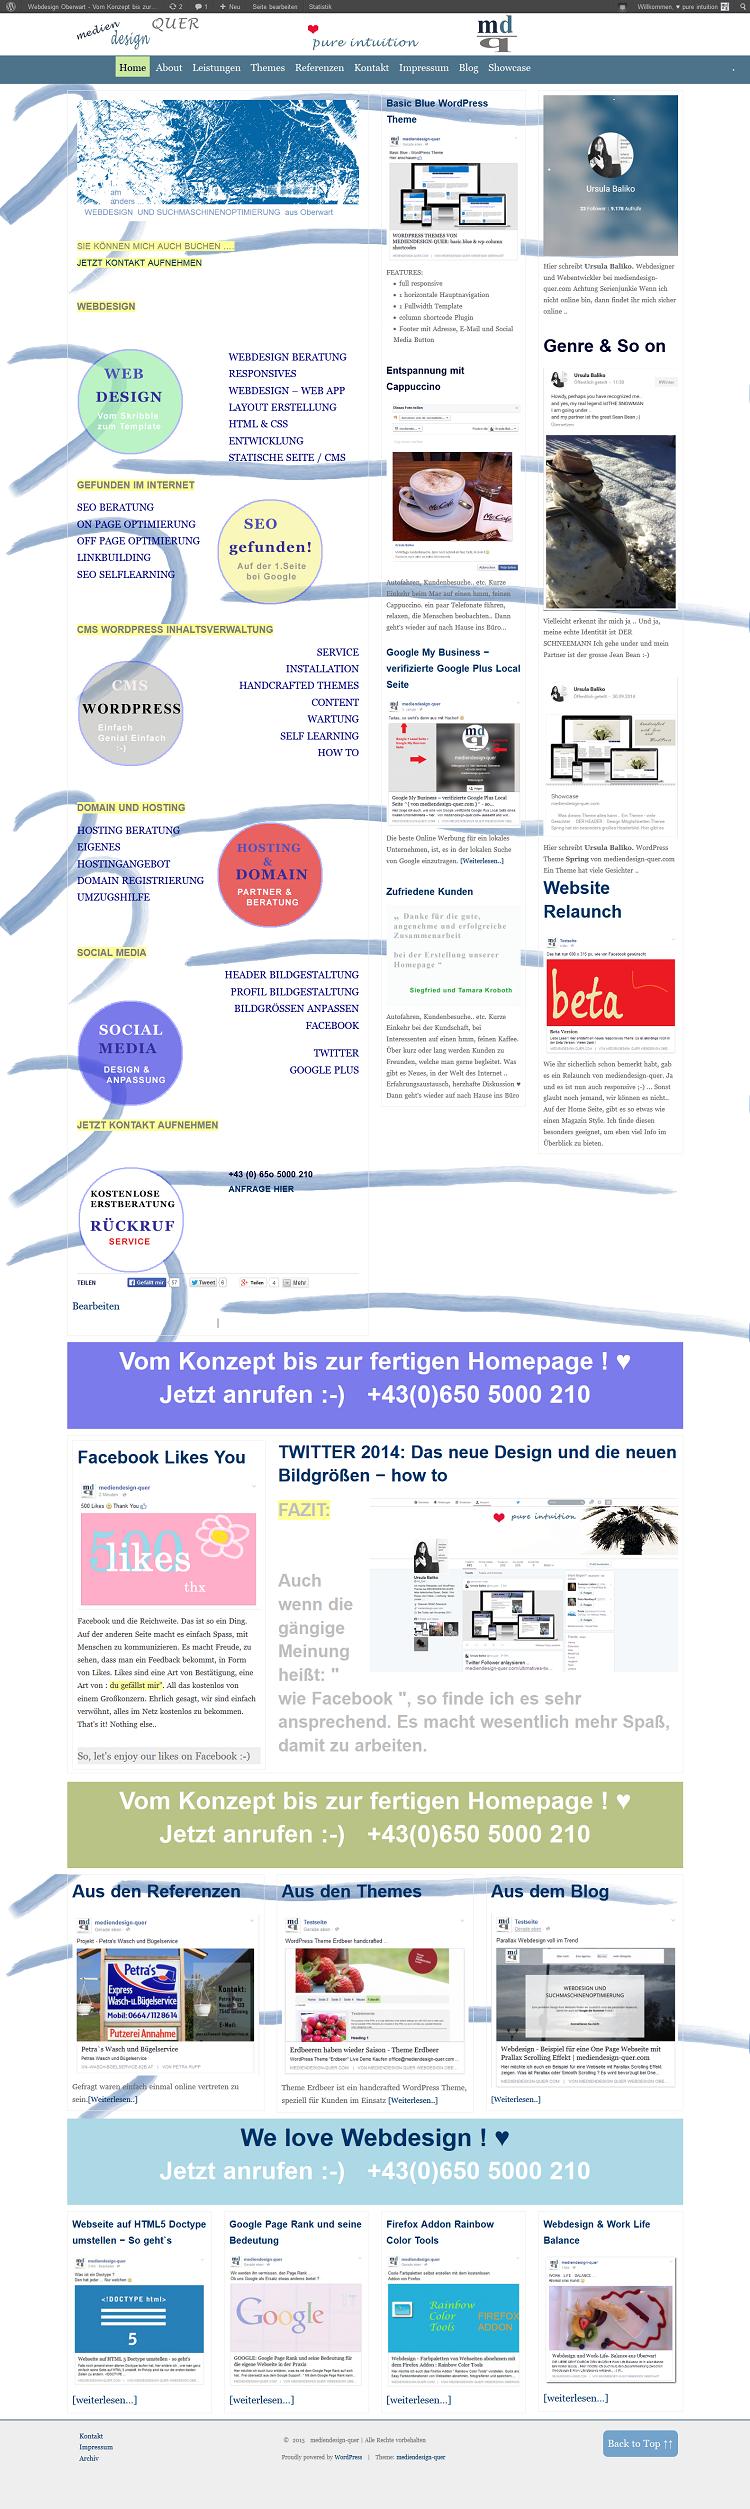 Webdesign Oberwart - jetzt auch in responsivem Design